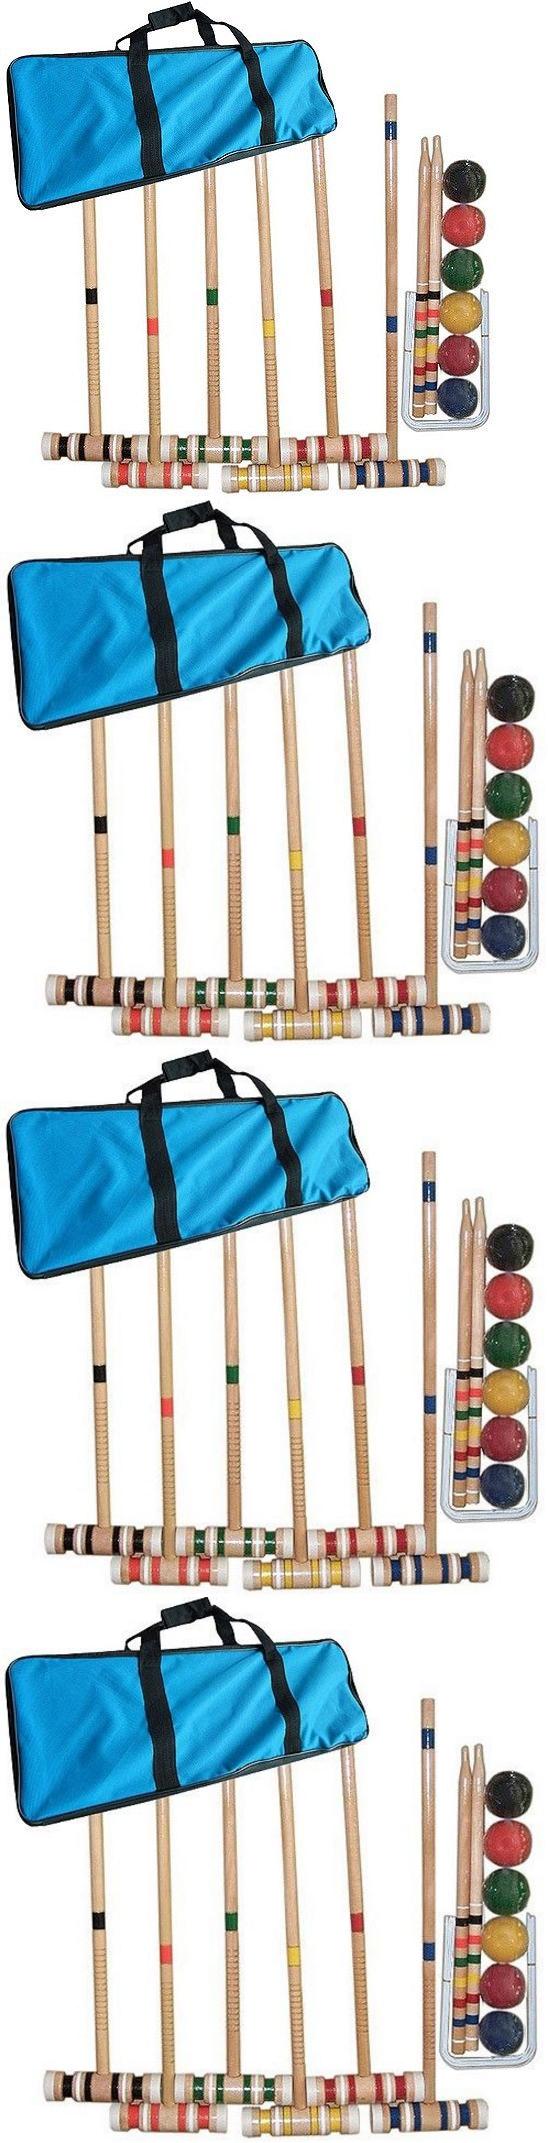 croquet 117210 wooden croquet set ball game backyard lawn yard